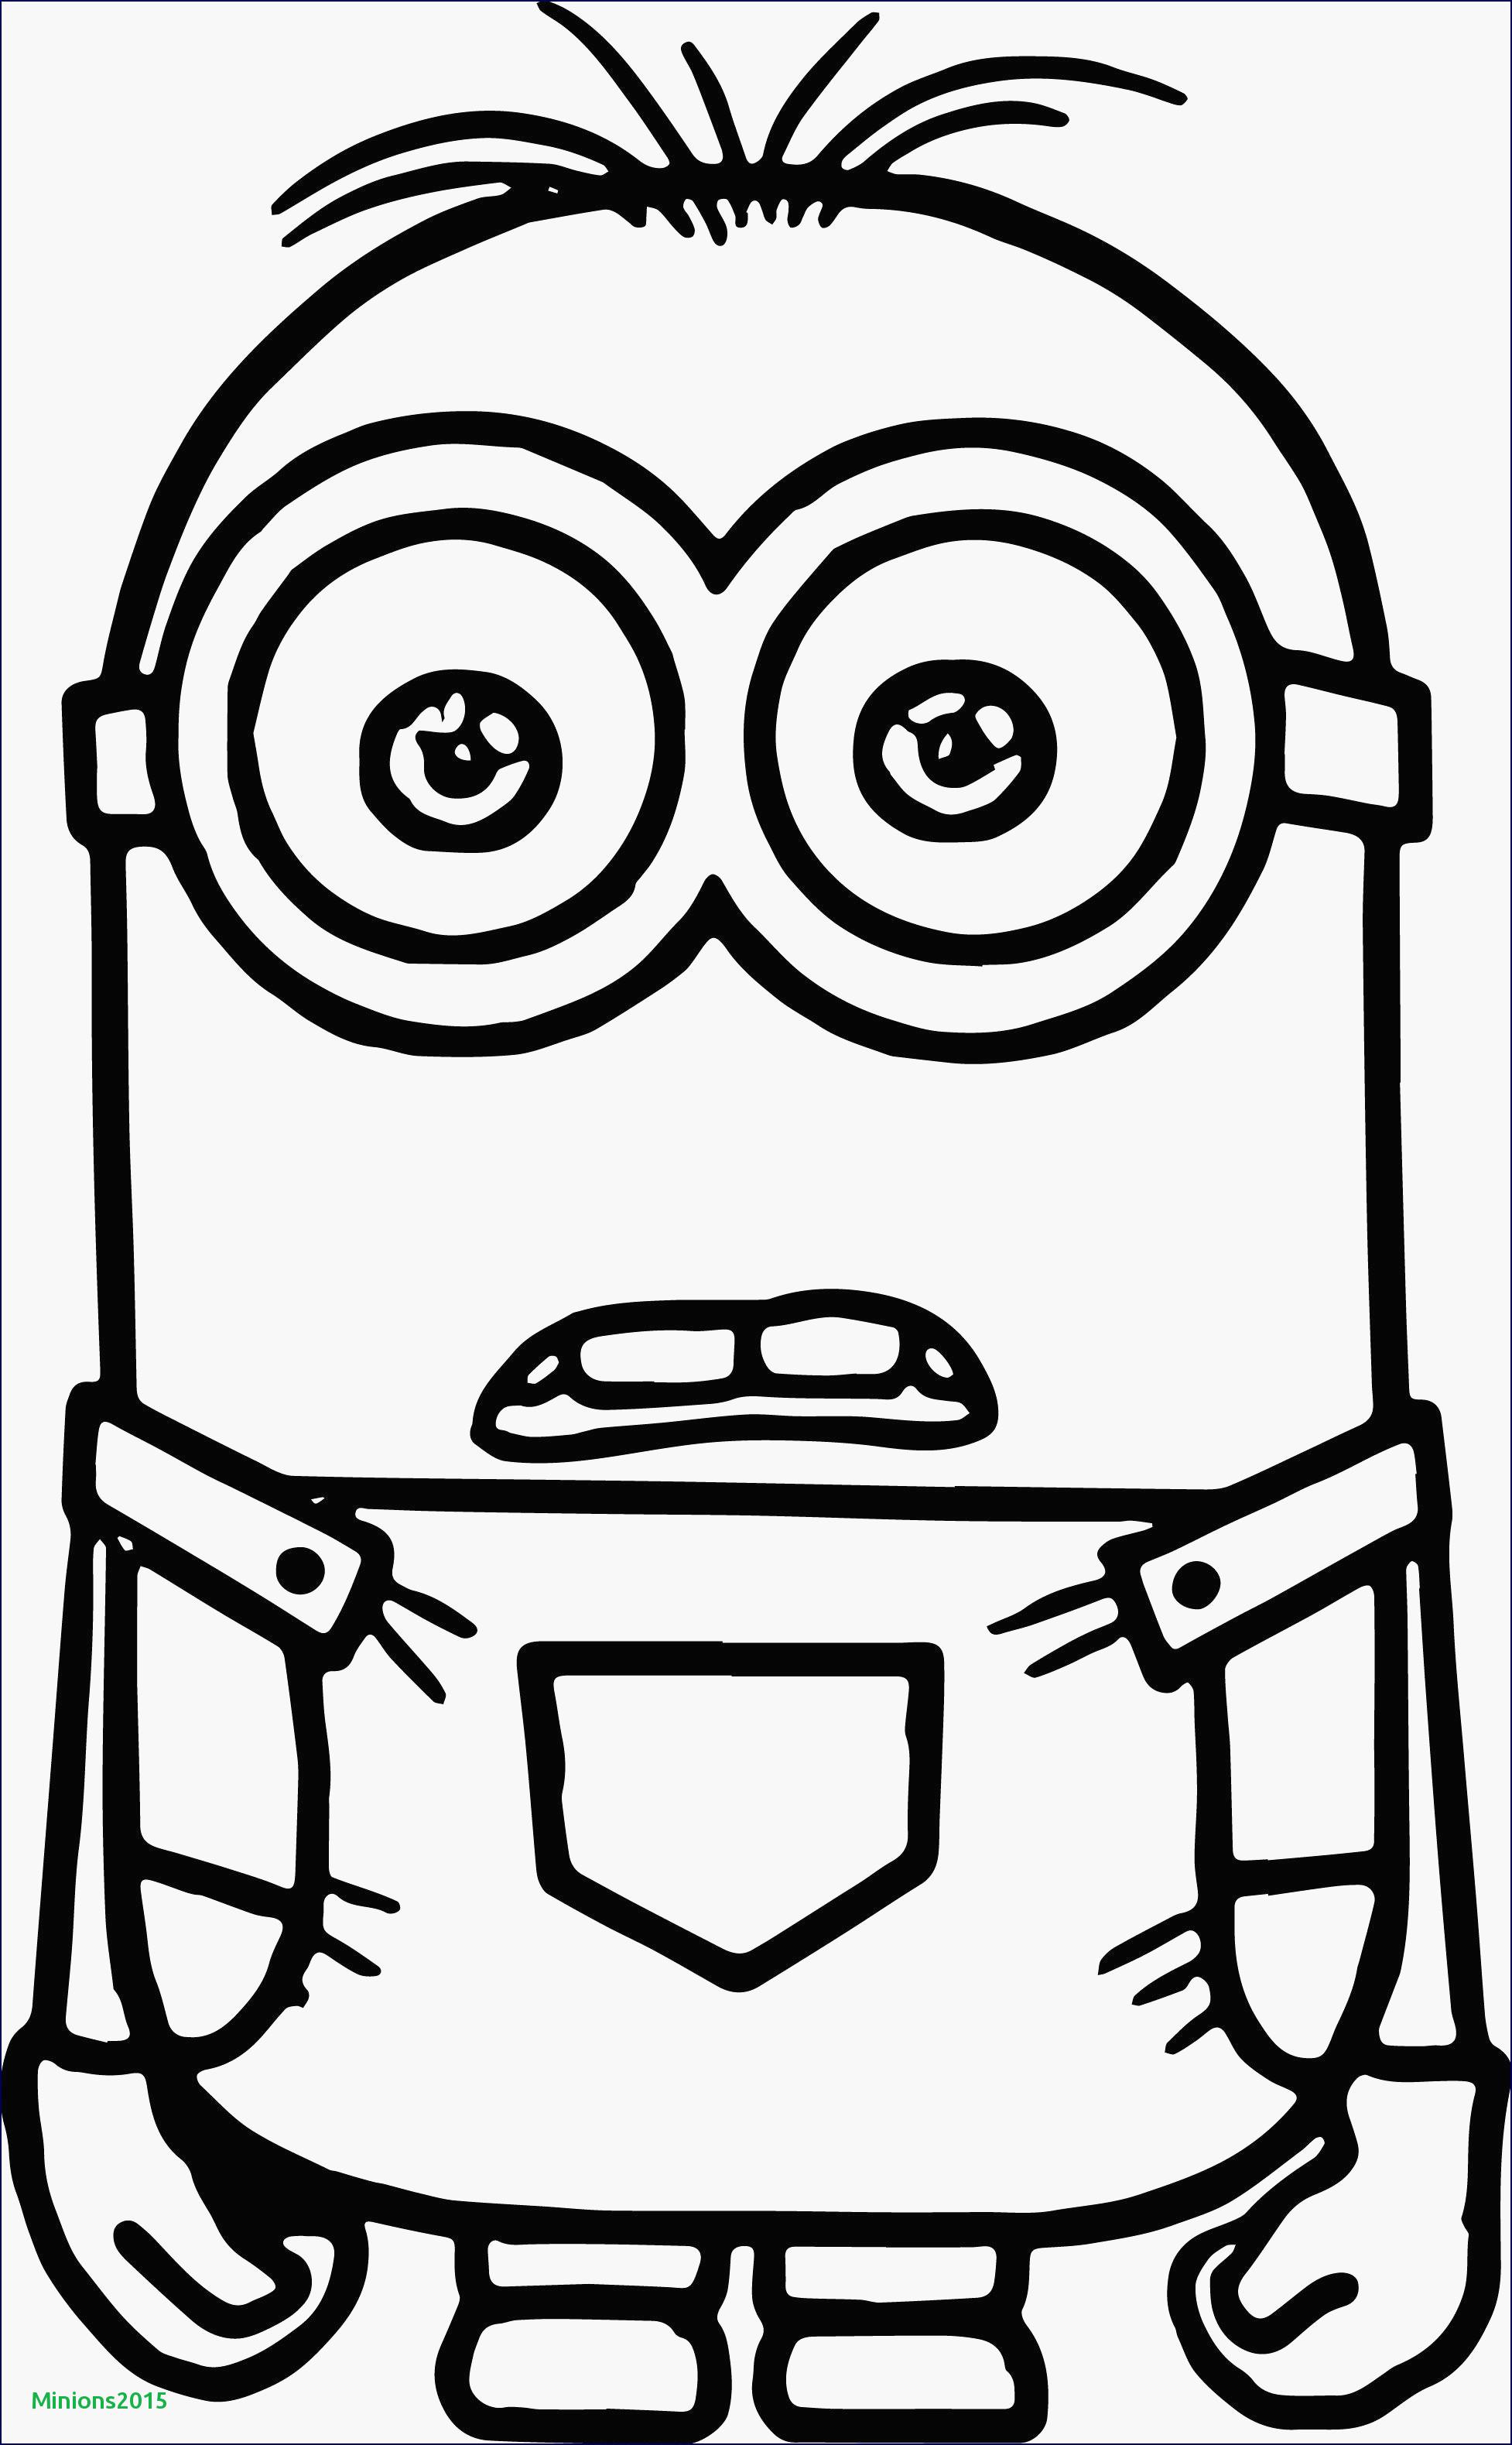 Ausmalbilder Minions Baby Neu ¢Ë†Å¡ Download Minion Bob to Color Frisch Malvorlagen Minions Galerie